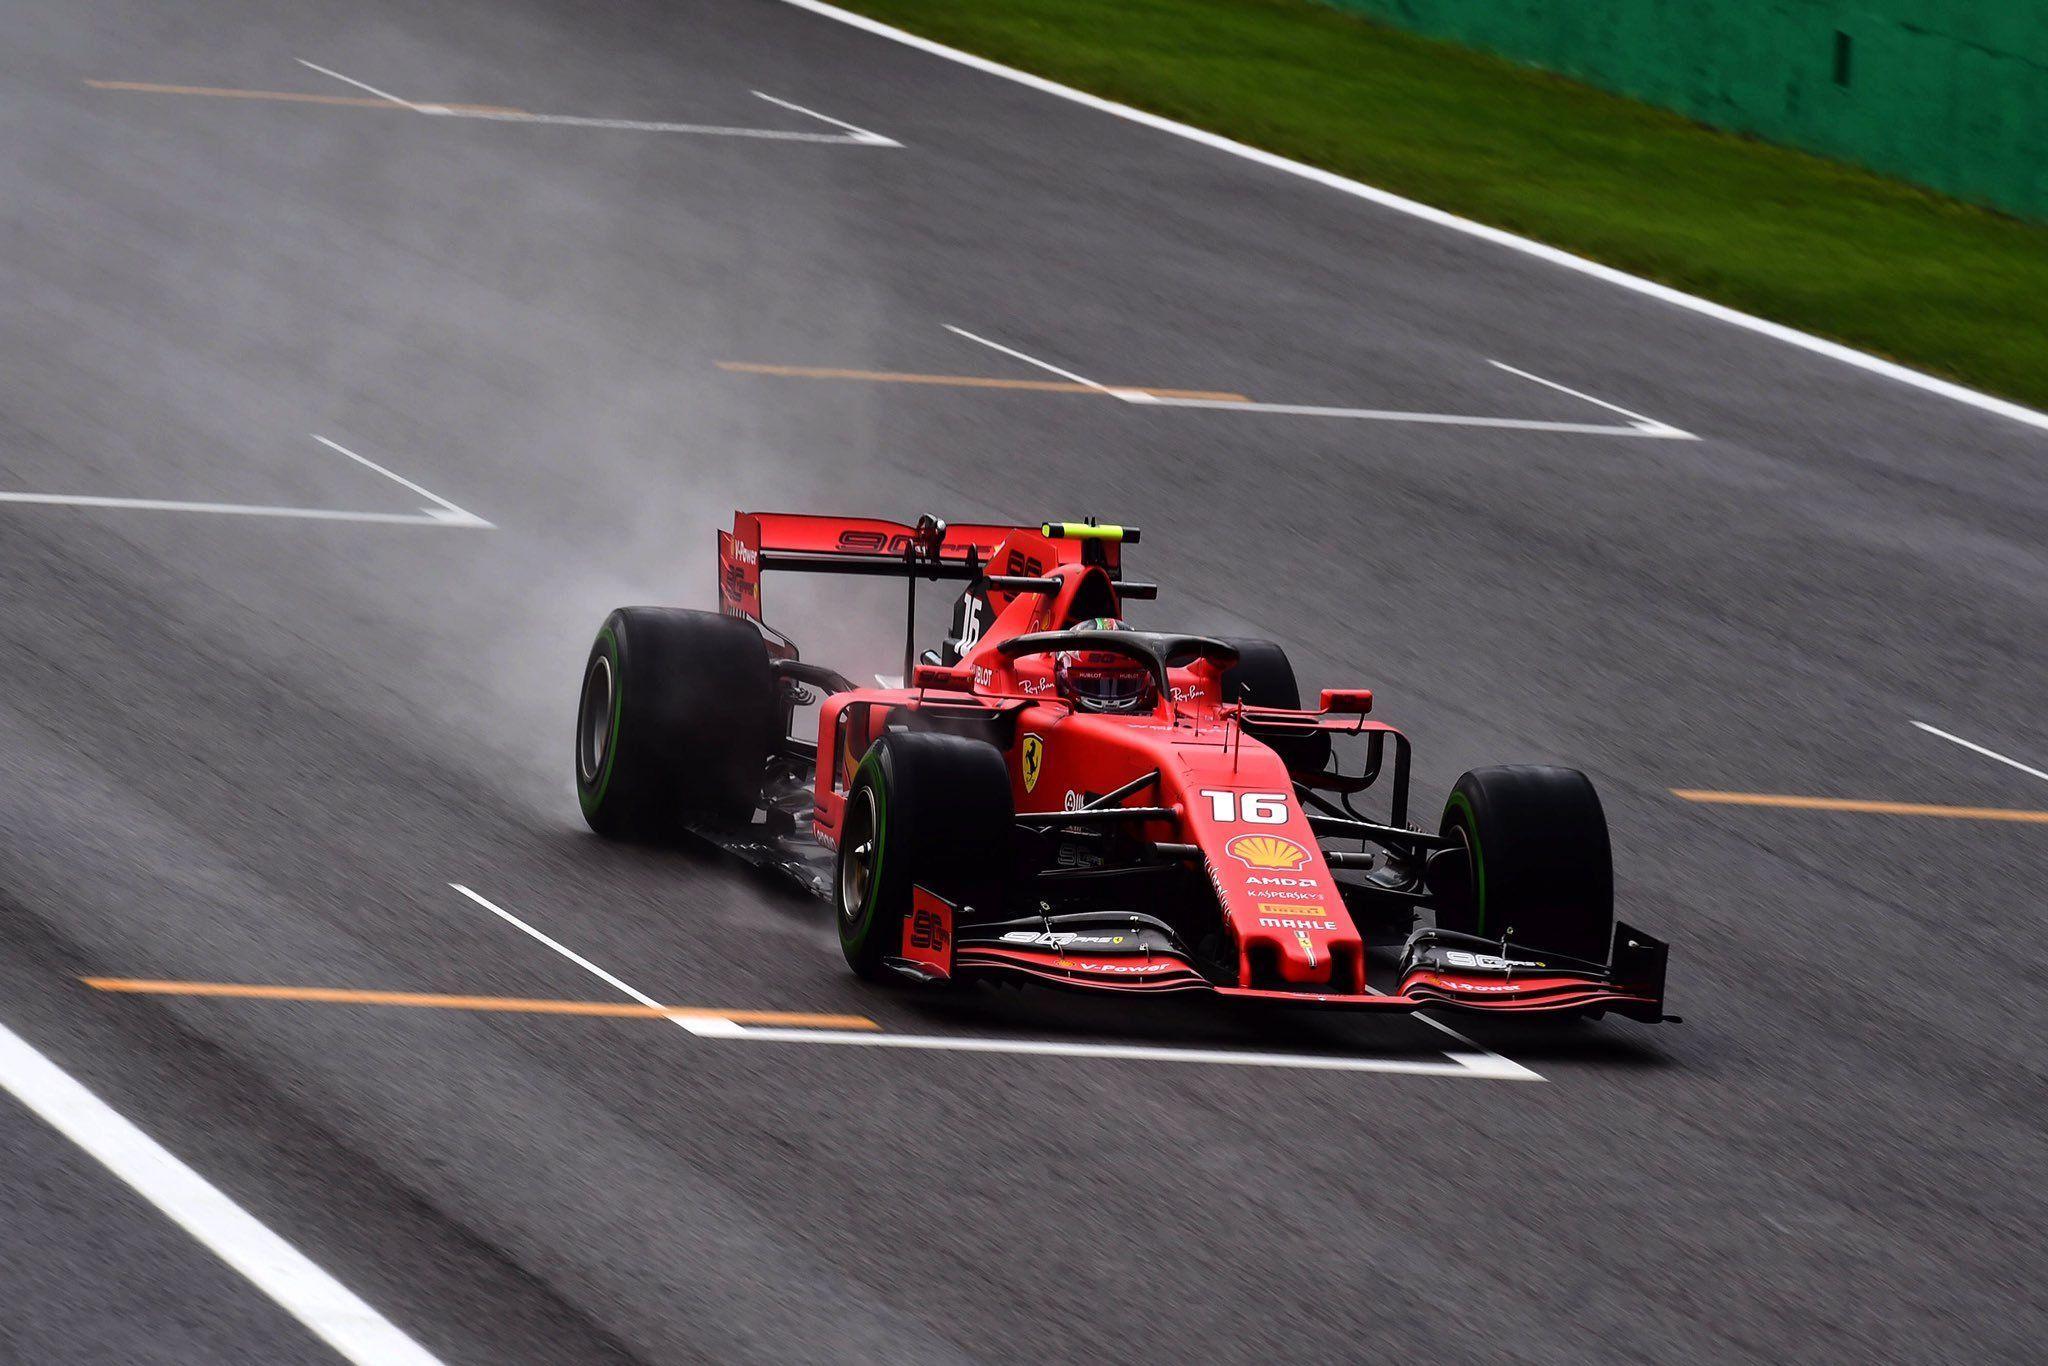   F1 2019 T.XXIII   Resultados Prueba de Rendimiento Italia GP T.23 Leclerc-monza